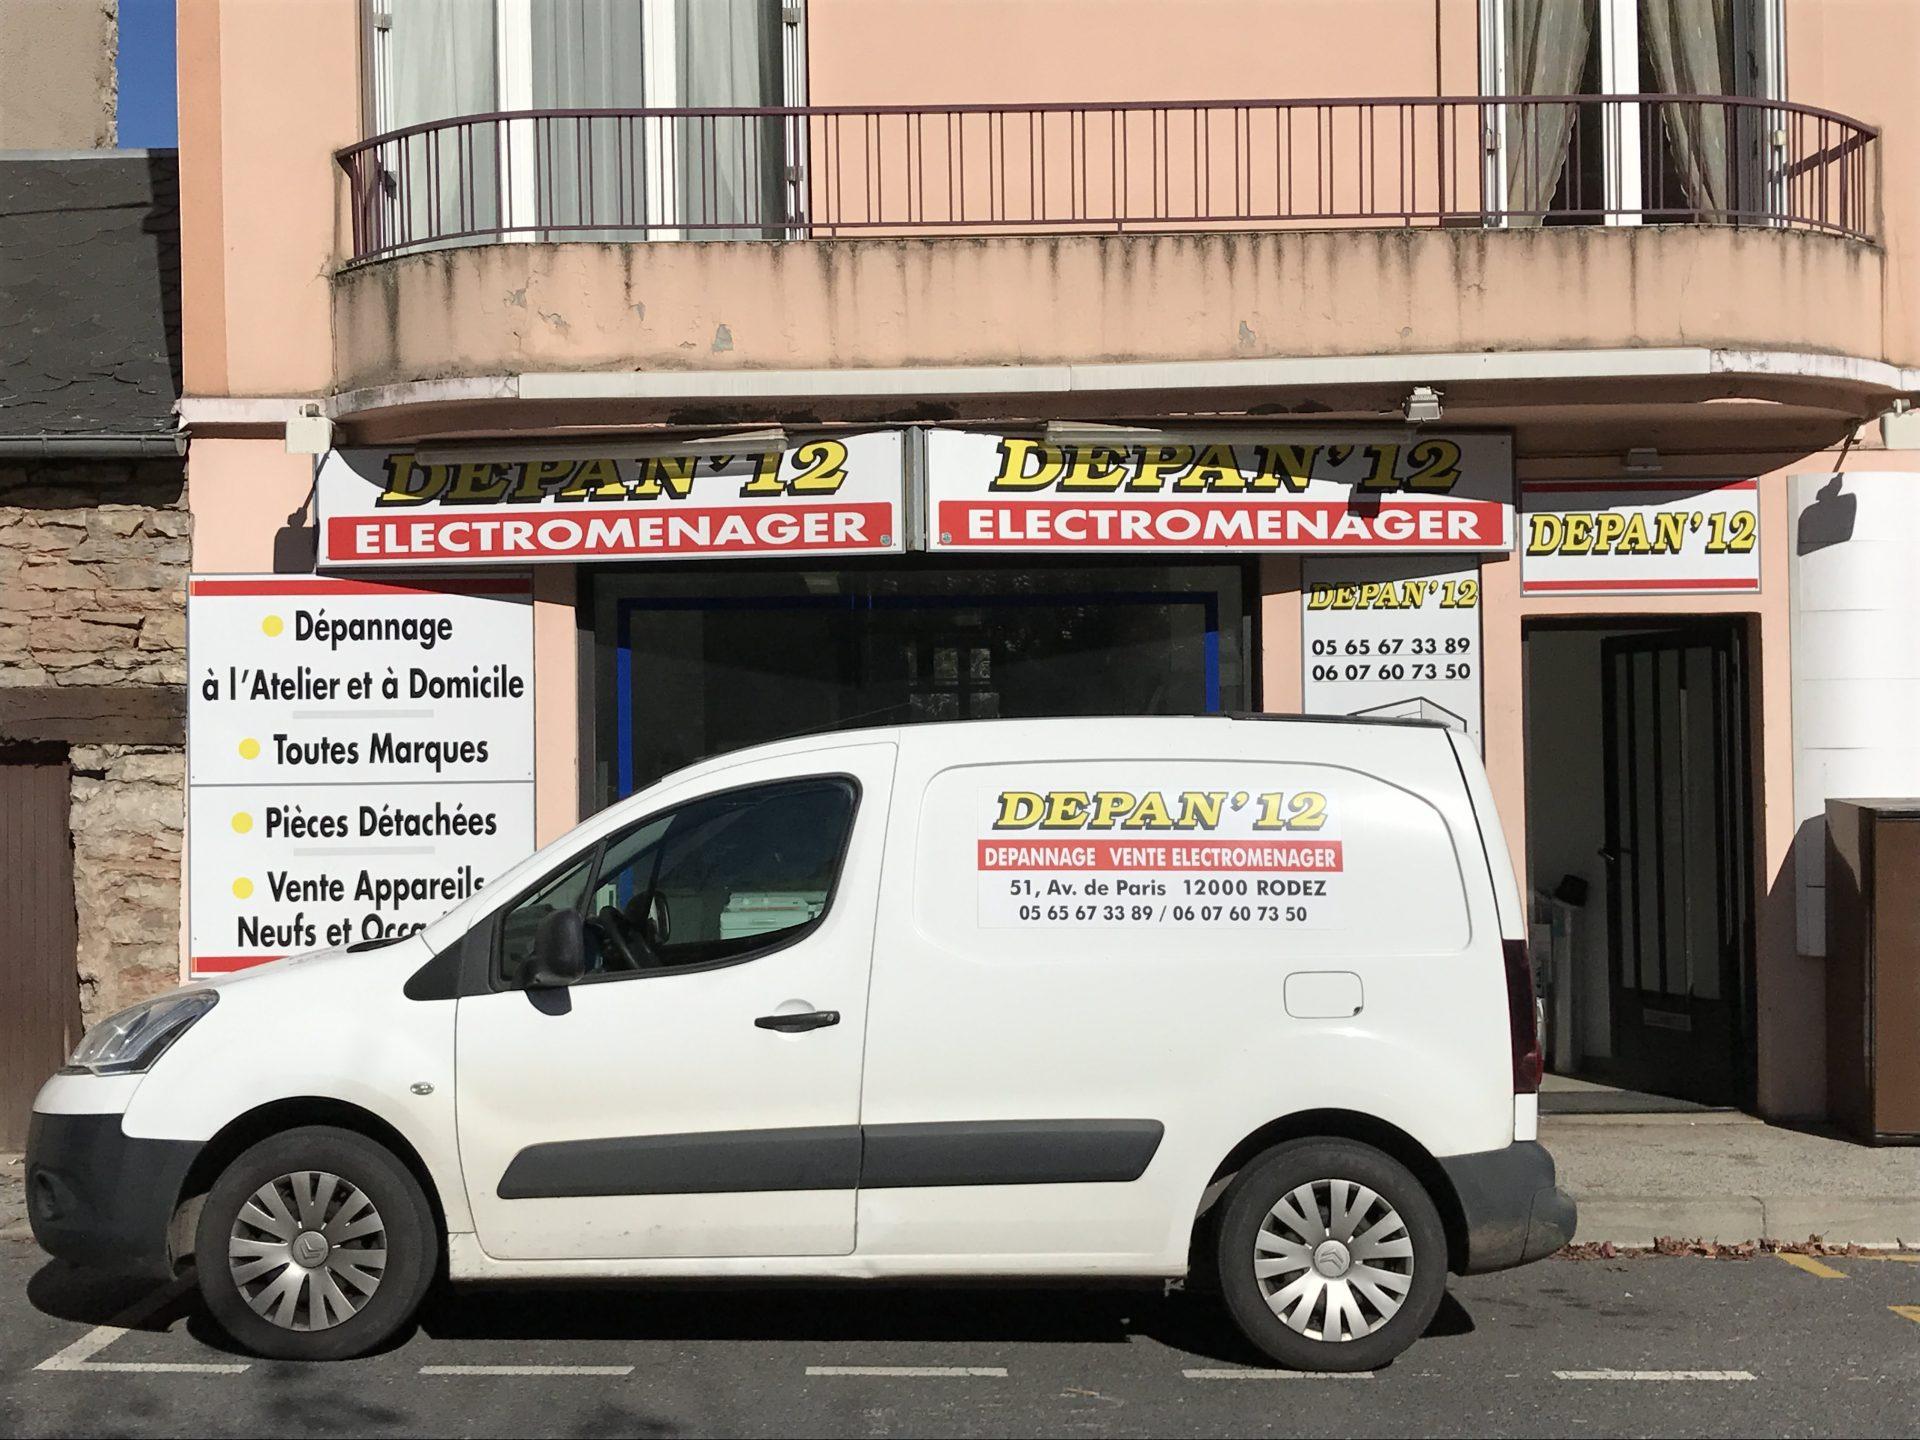 réparation d'électroménager à Rodez